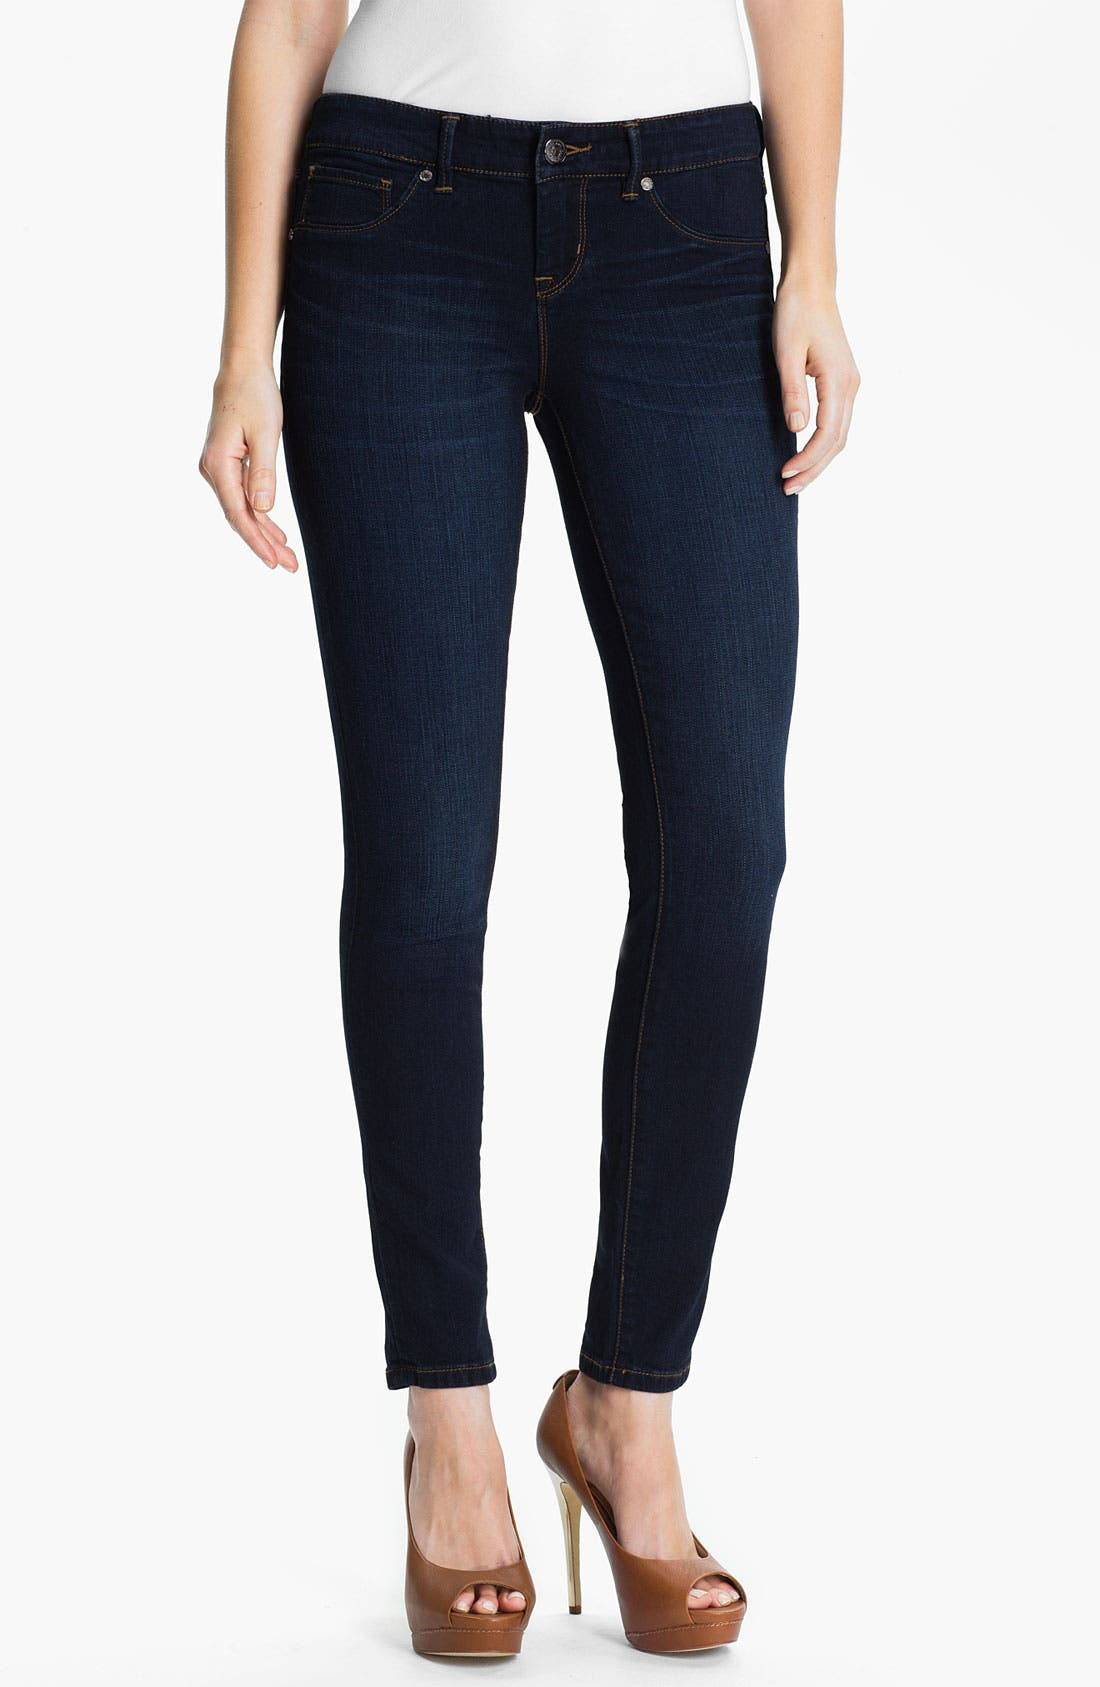 Main Image - Isaac Mizrahi Jeans 'Kendall' Denim Leggings